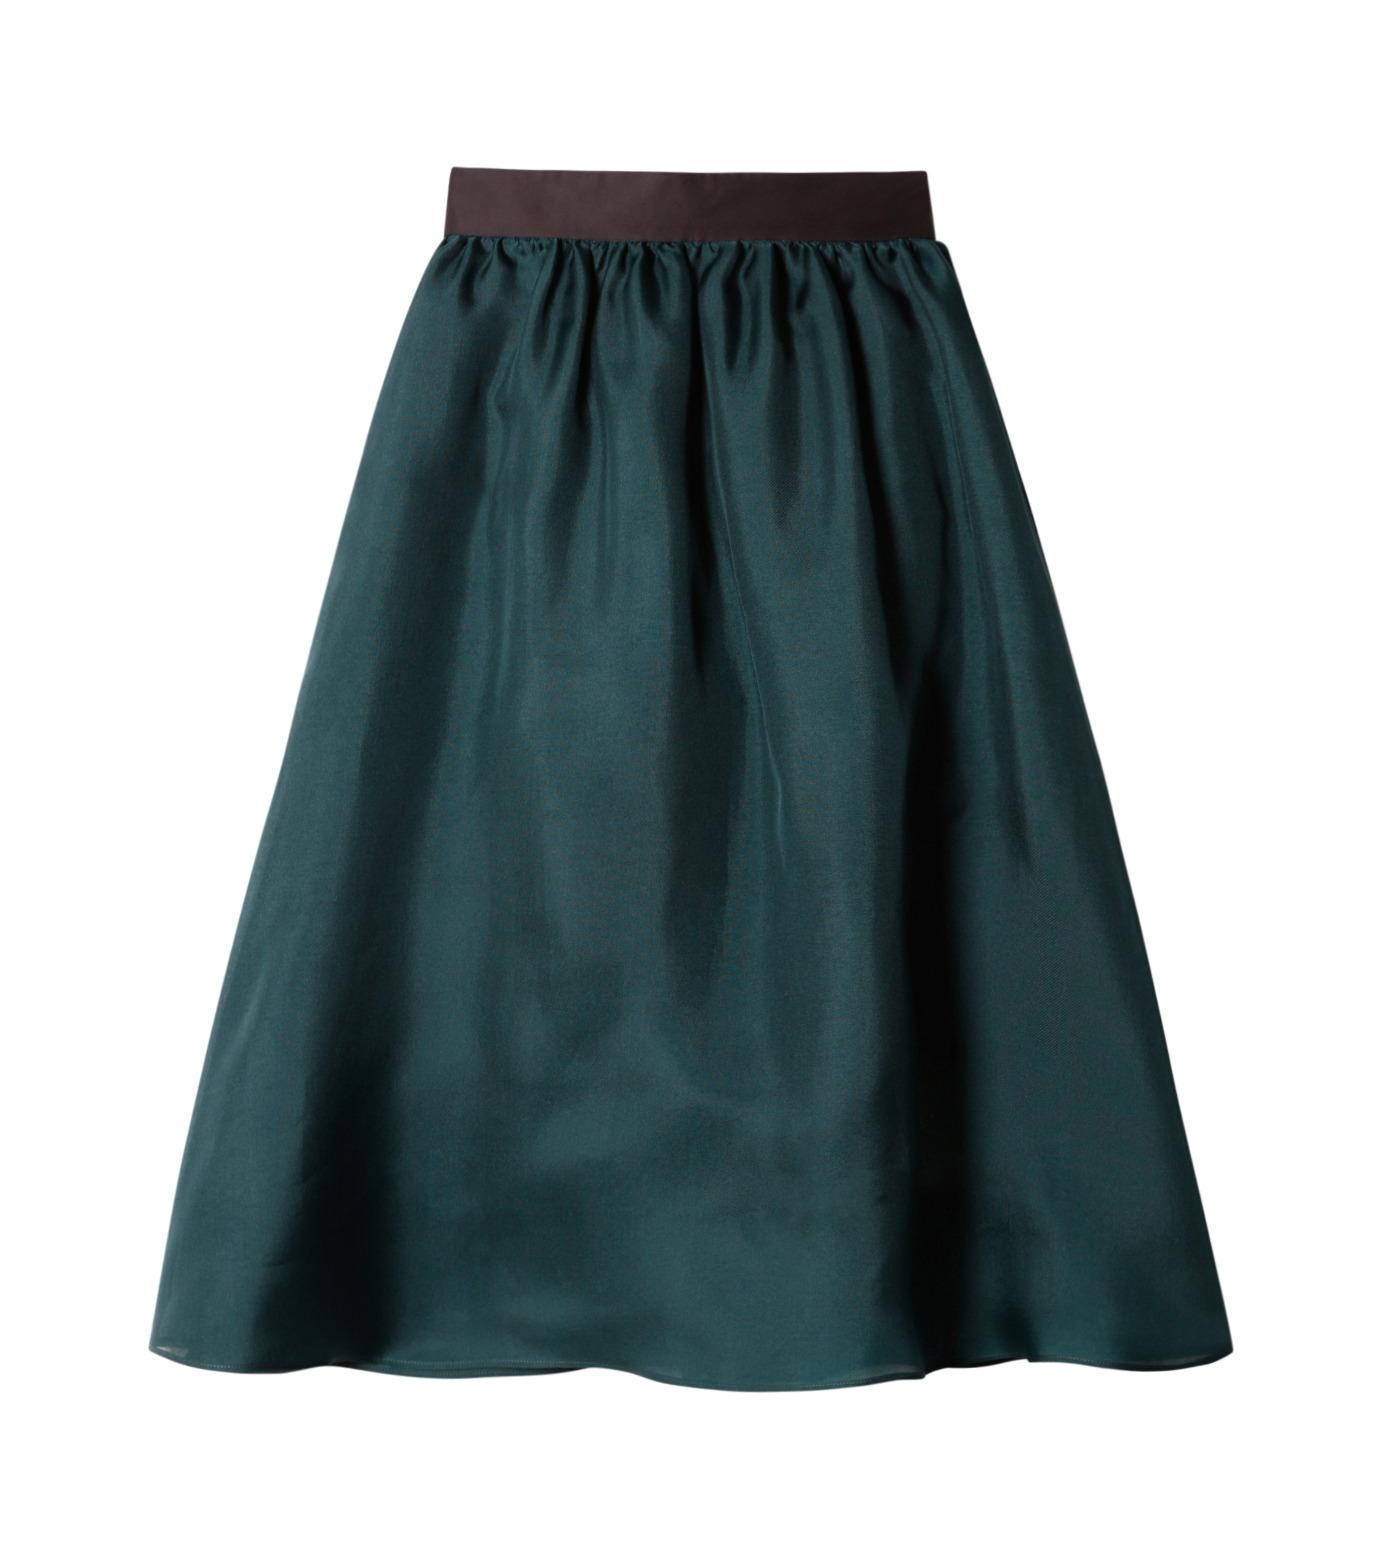 LE CIEL BLEU(ルシェルブルー)のオーガンジーボリュームスカート-GREEN(スカート/skirt)-19S67101 拡大詳細画像1